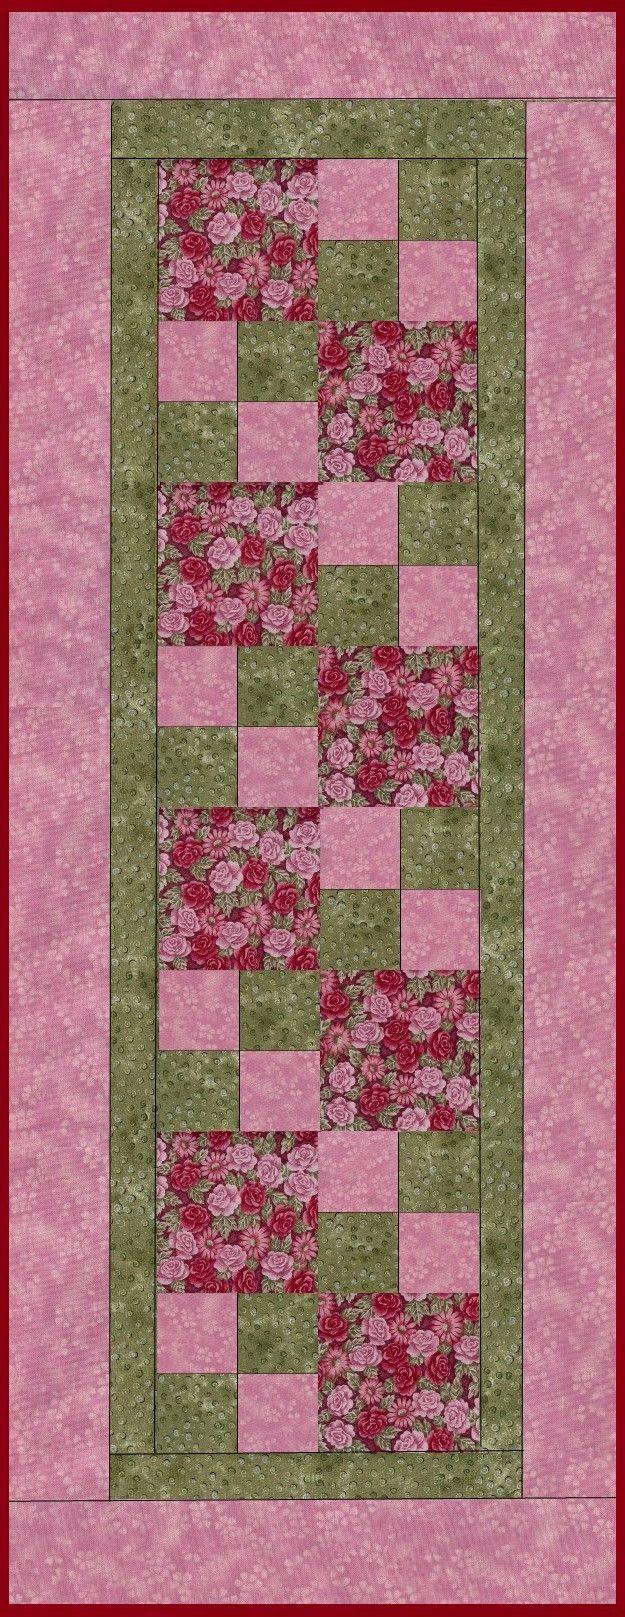 Zen Rose Allover Pre-Cut Table Runner Kit | Quilt Patterns ... : quilted table runner kits - Adamdwight.com